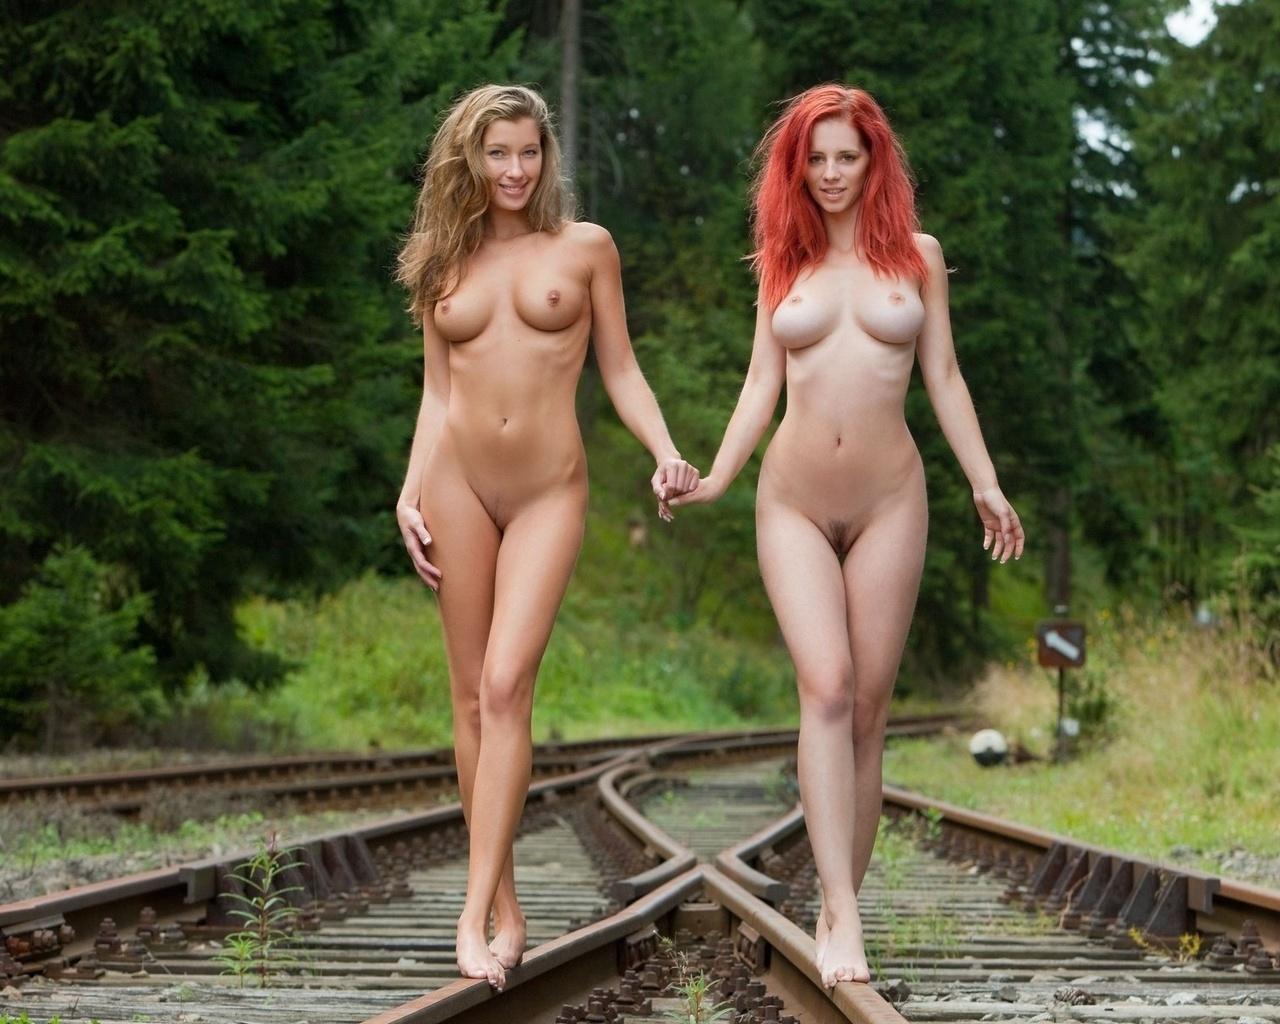 Худосочные красотки модели в порнороликах 11 фотография